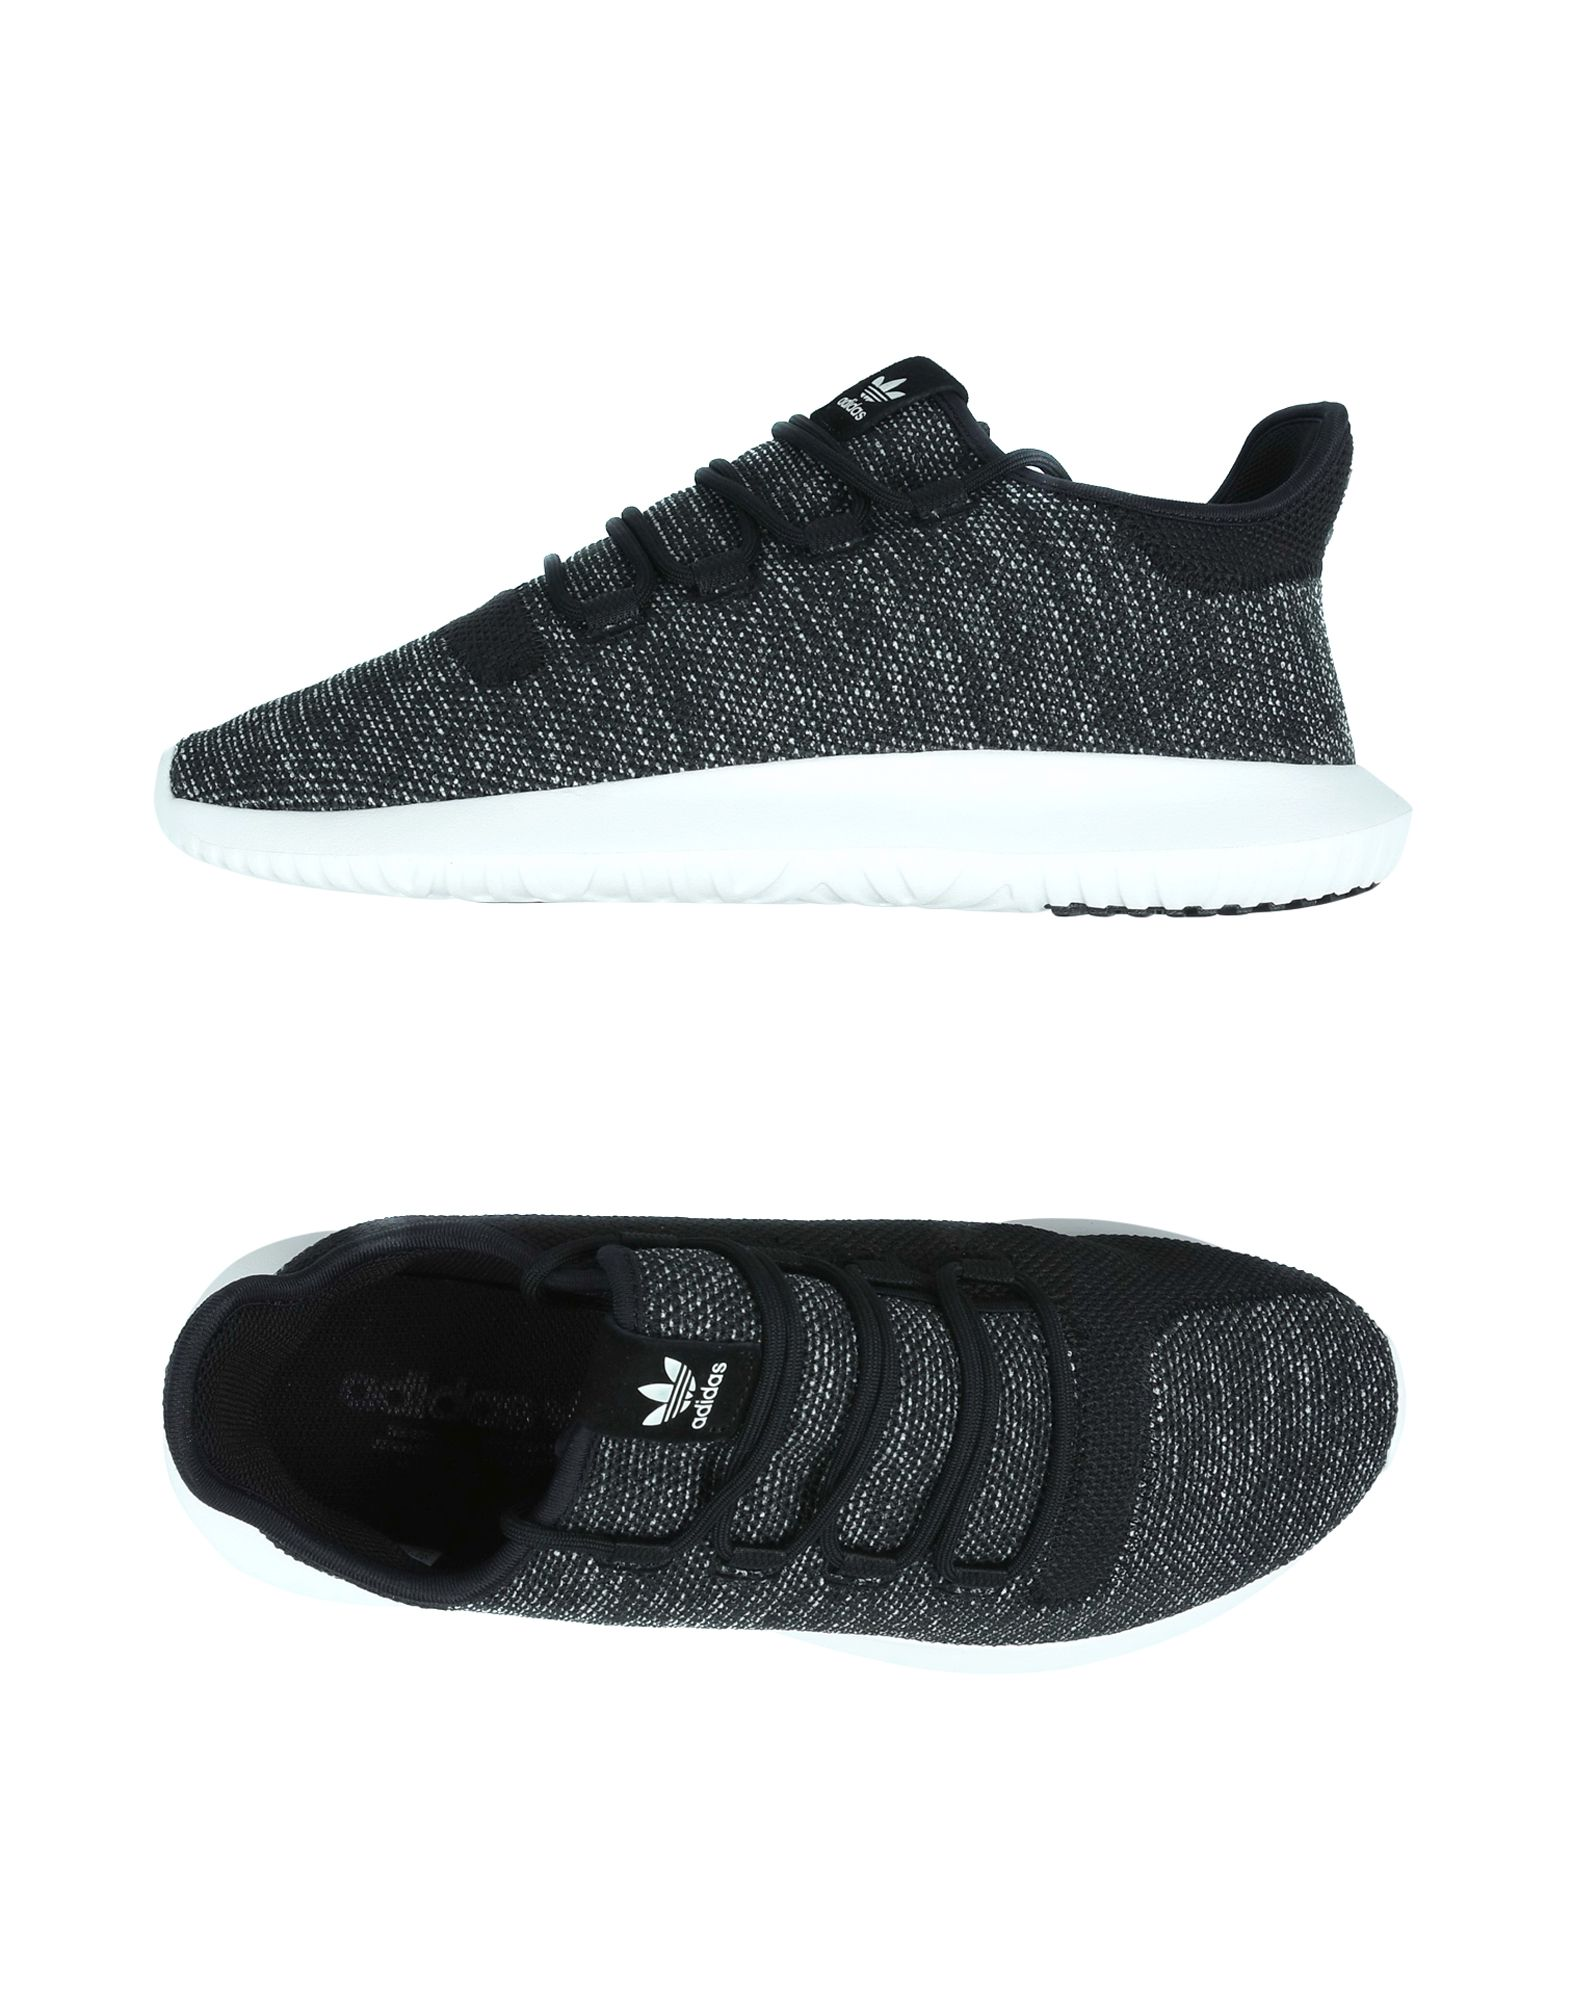 Adidas Originals Tubular Shadow - Knit - Shadow Sneakers - Men Adidas Originals Sneakers online on  United Kingdom - 11205477XV caaa58